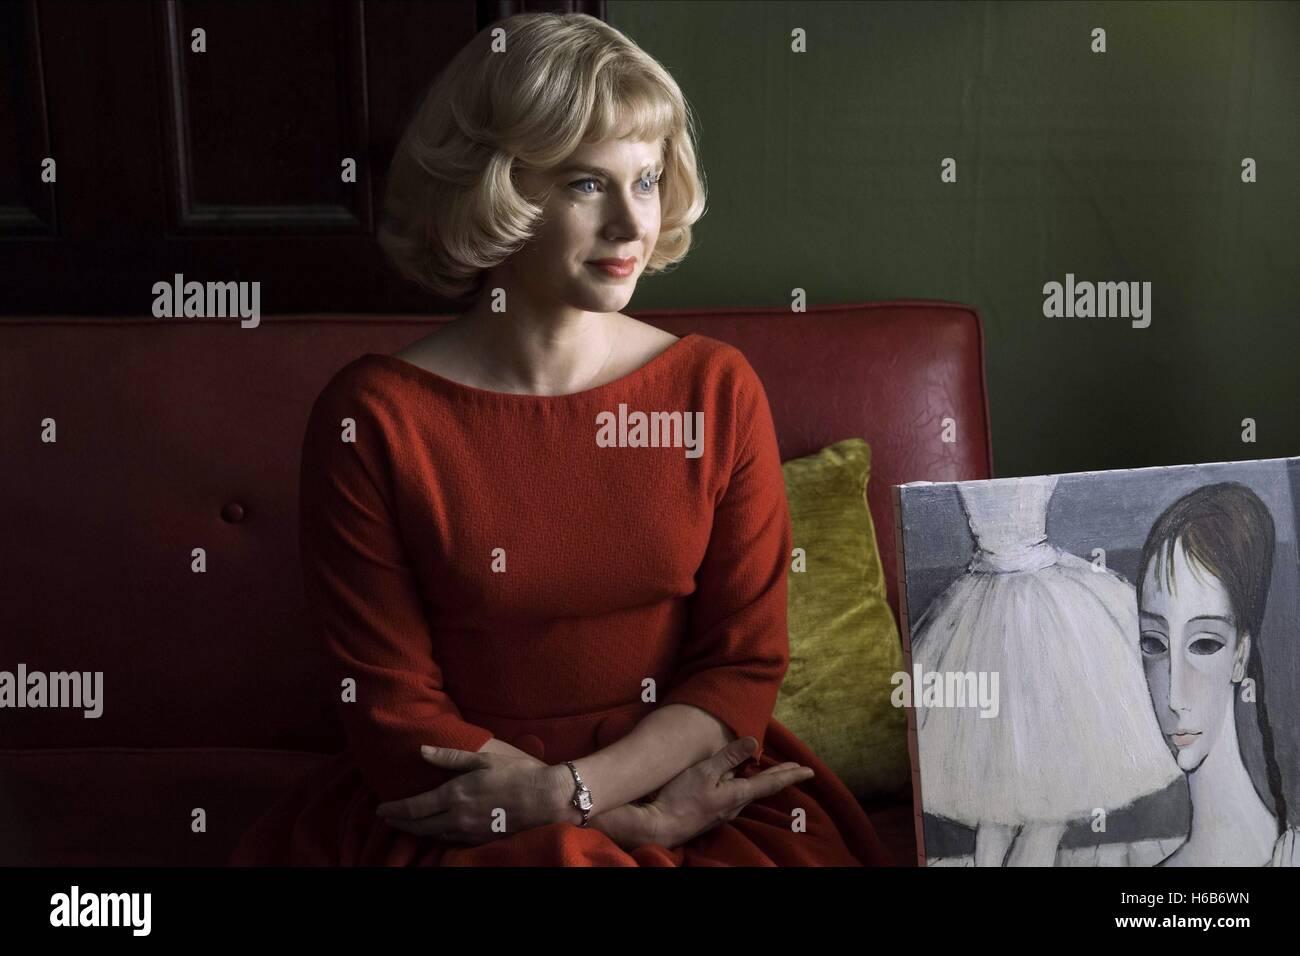 AMY ADAMS BIG EYES (2014) - Stock Image